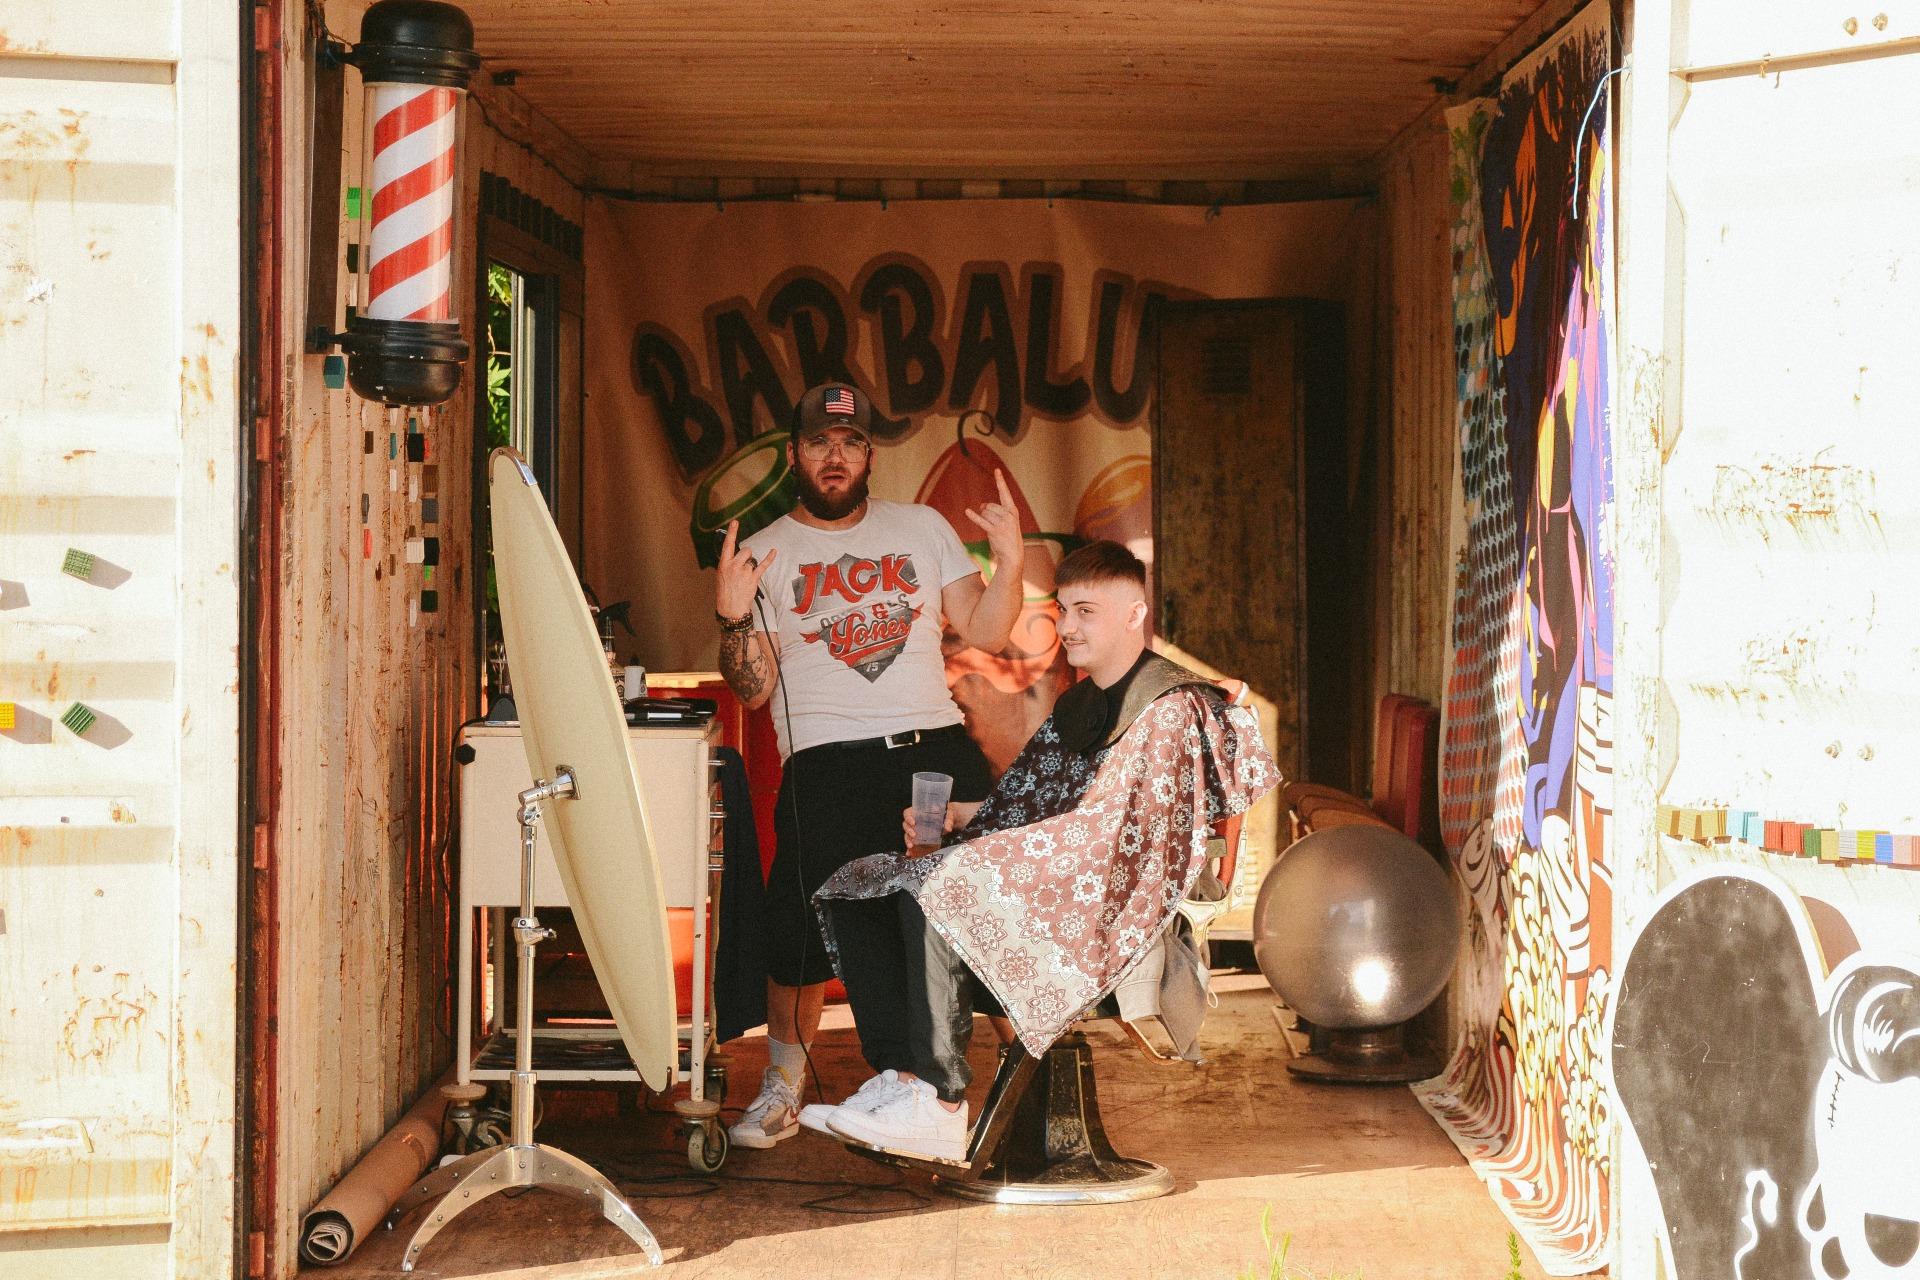 Barbalulu, le barber shop de La Friche Lucien